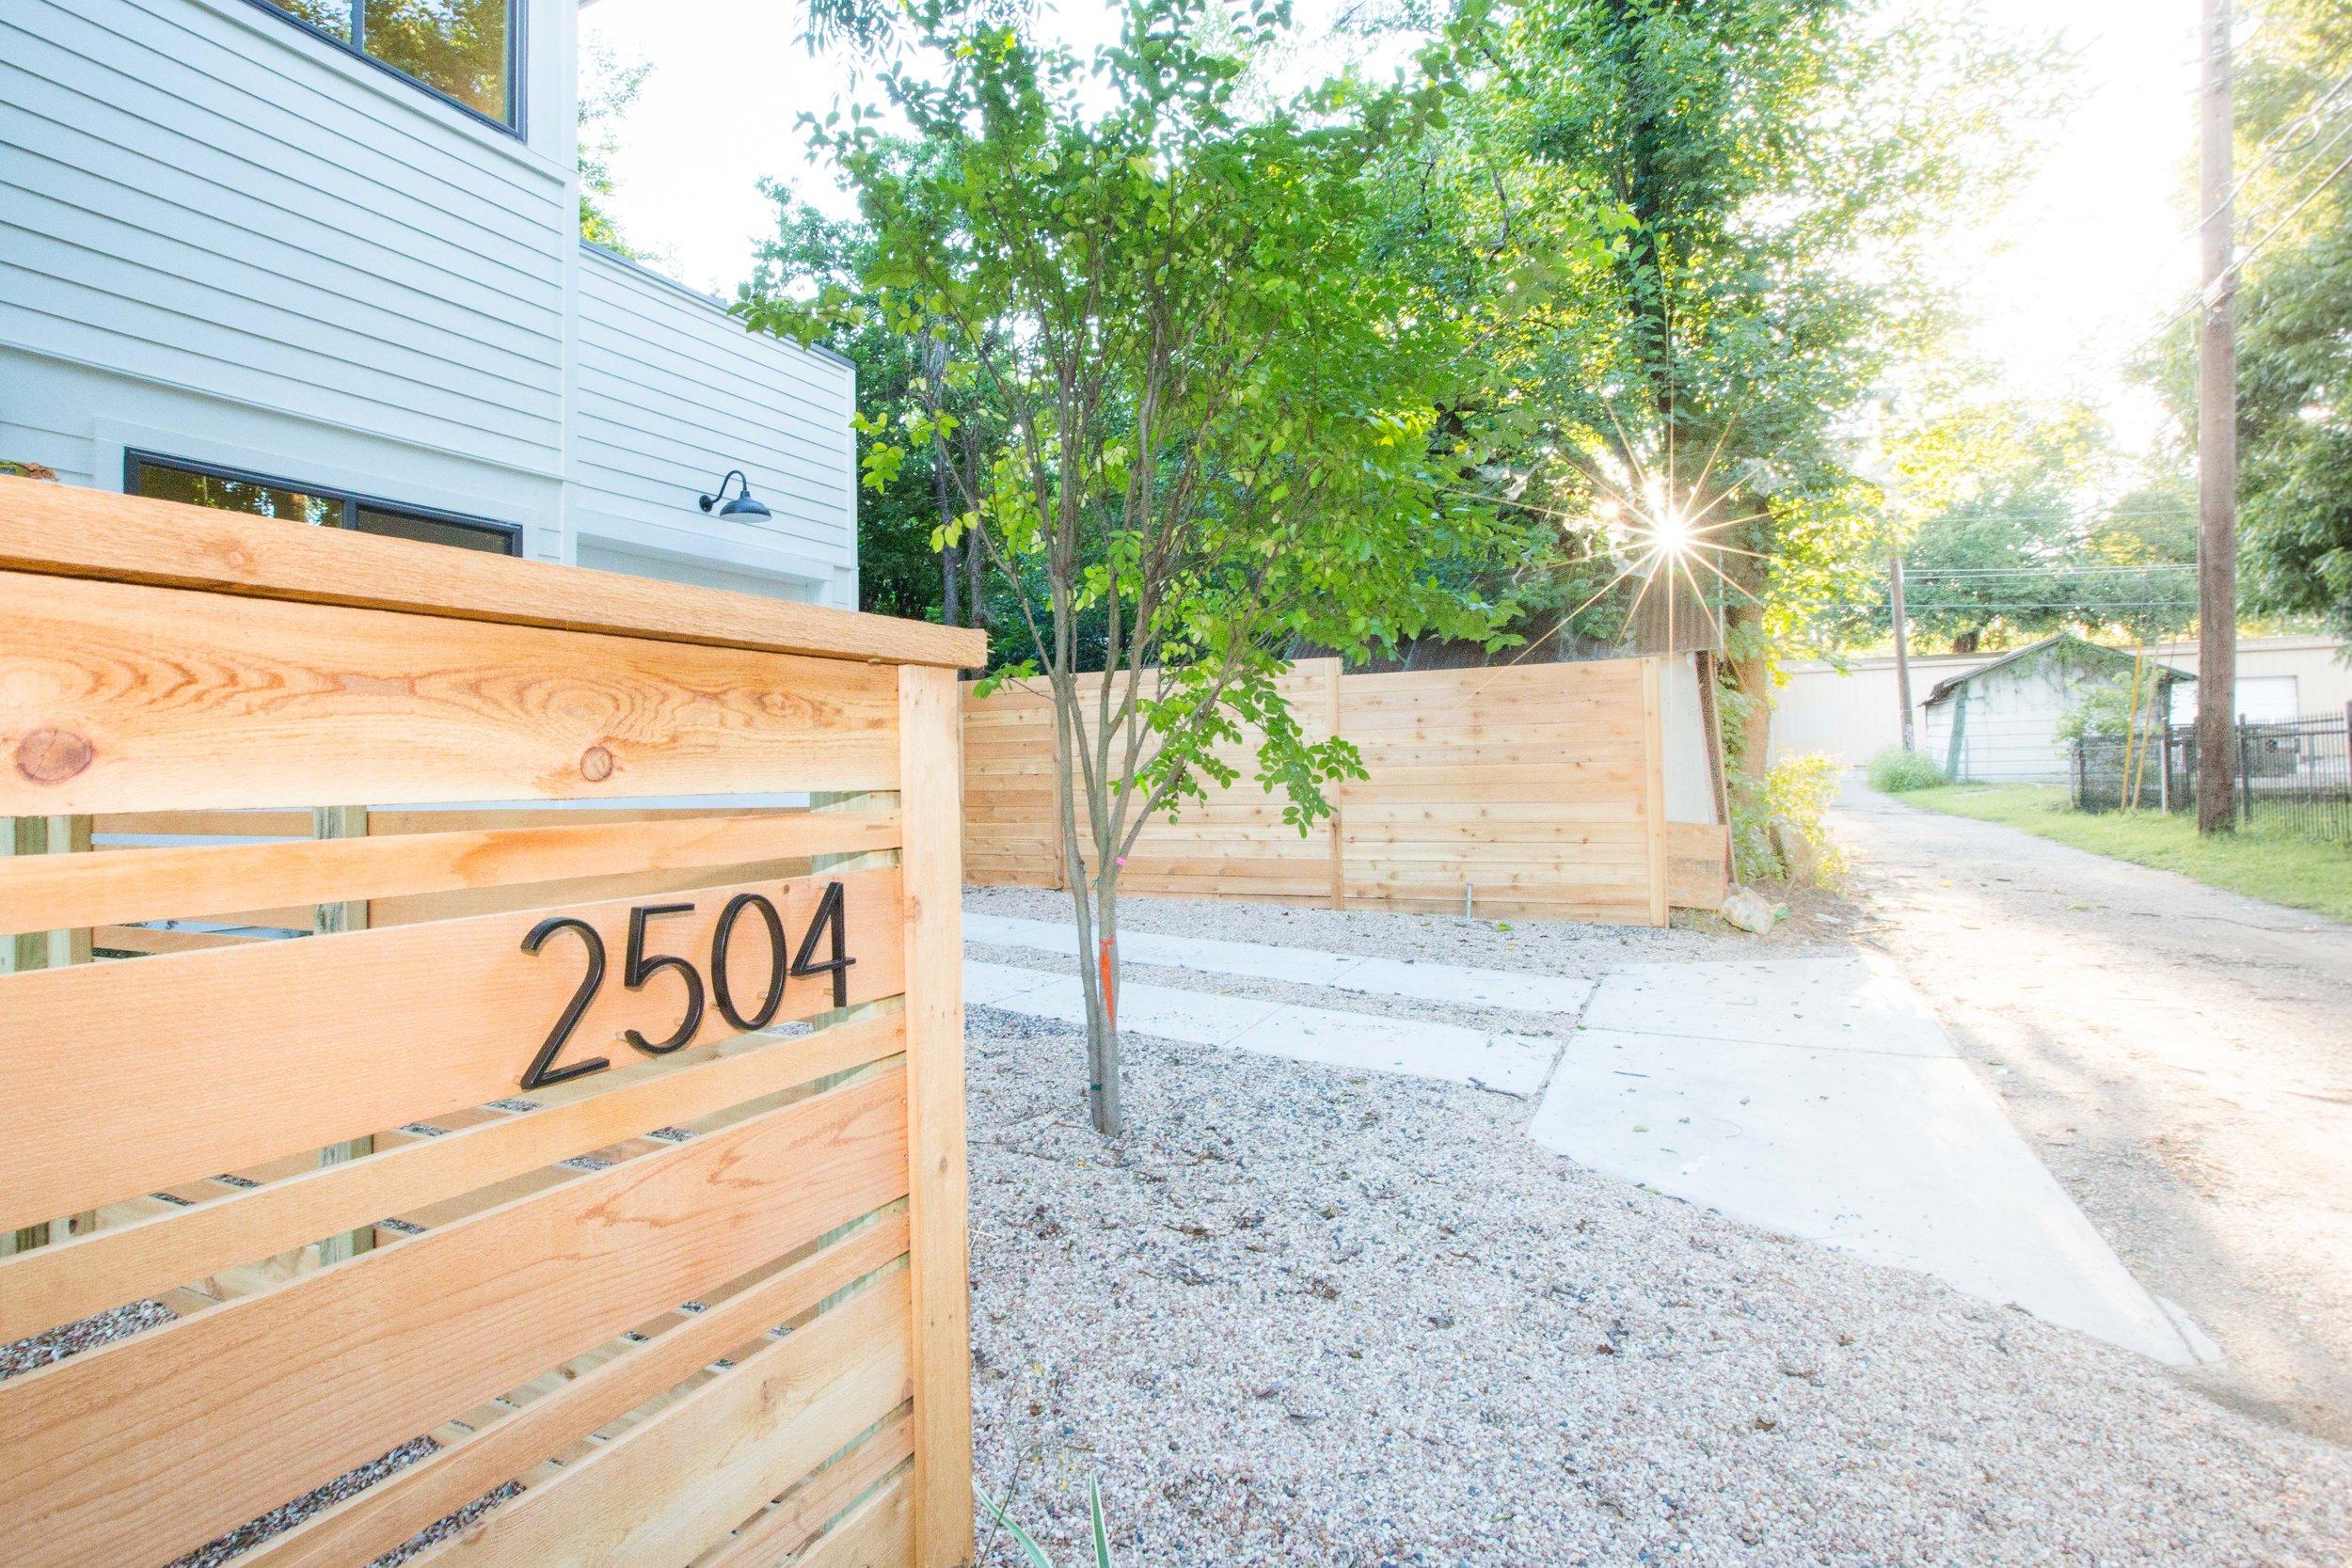 2504_WillowB_-_East_Austin_Alley_House_Modern_Cottage-9662[1].jpg